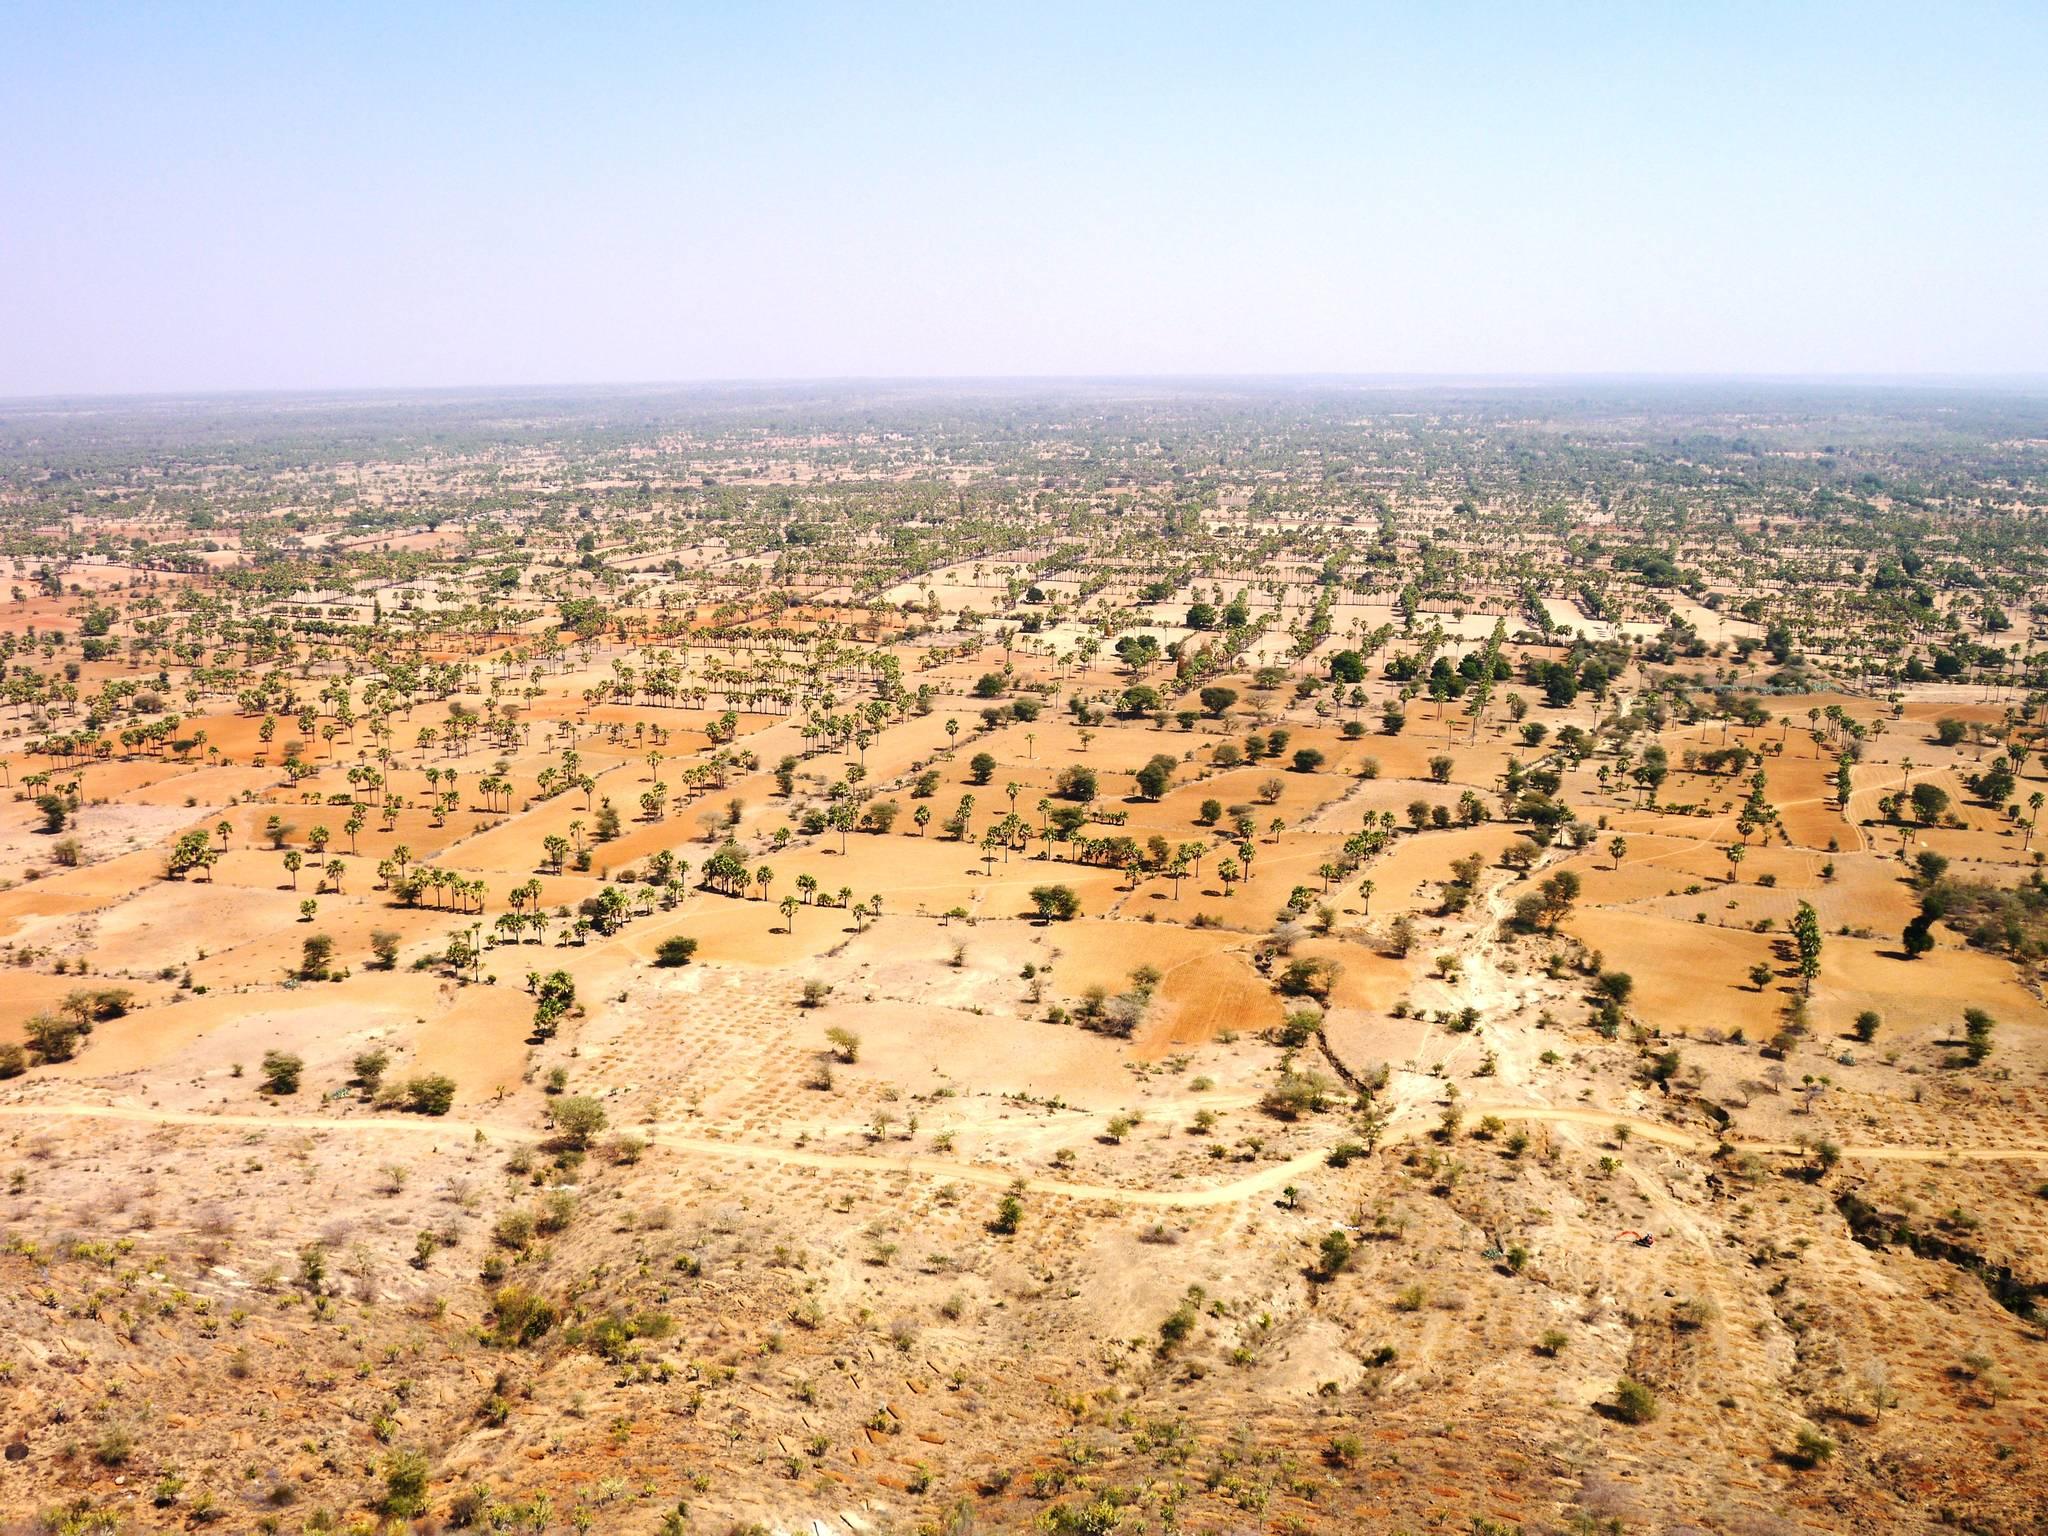 사막화가 빠르게 진행되고 있는 미얀마. [사진 푸른아시아]